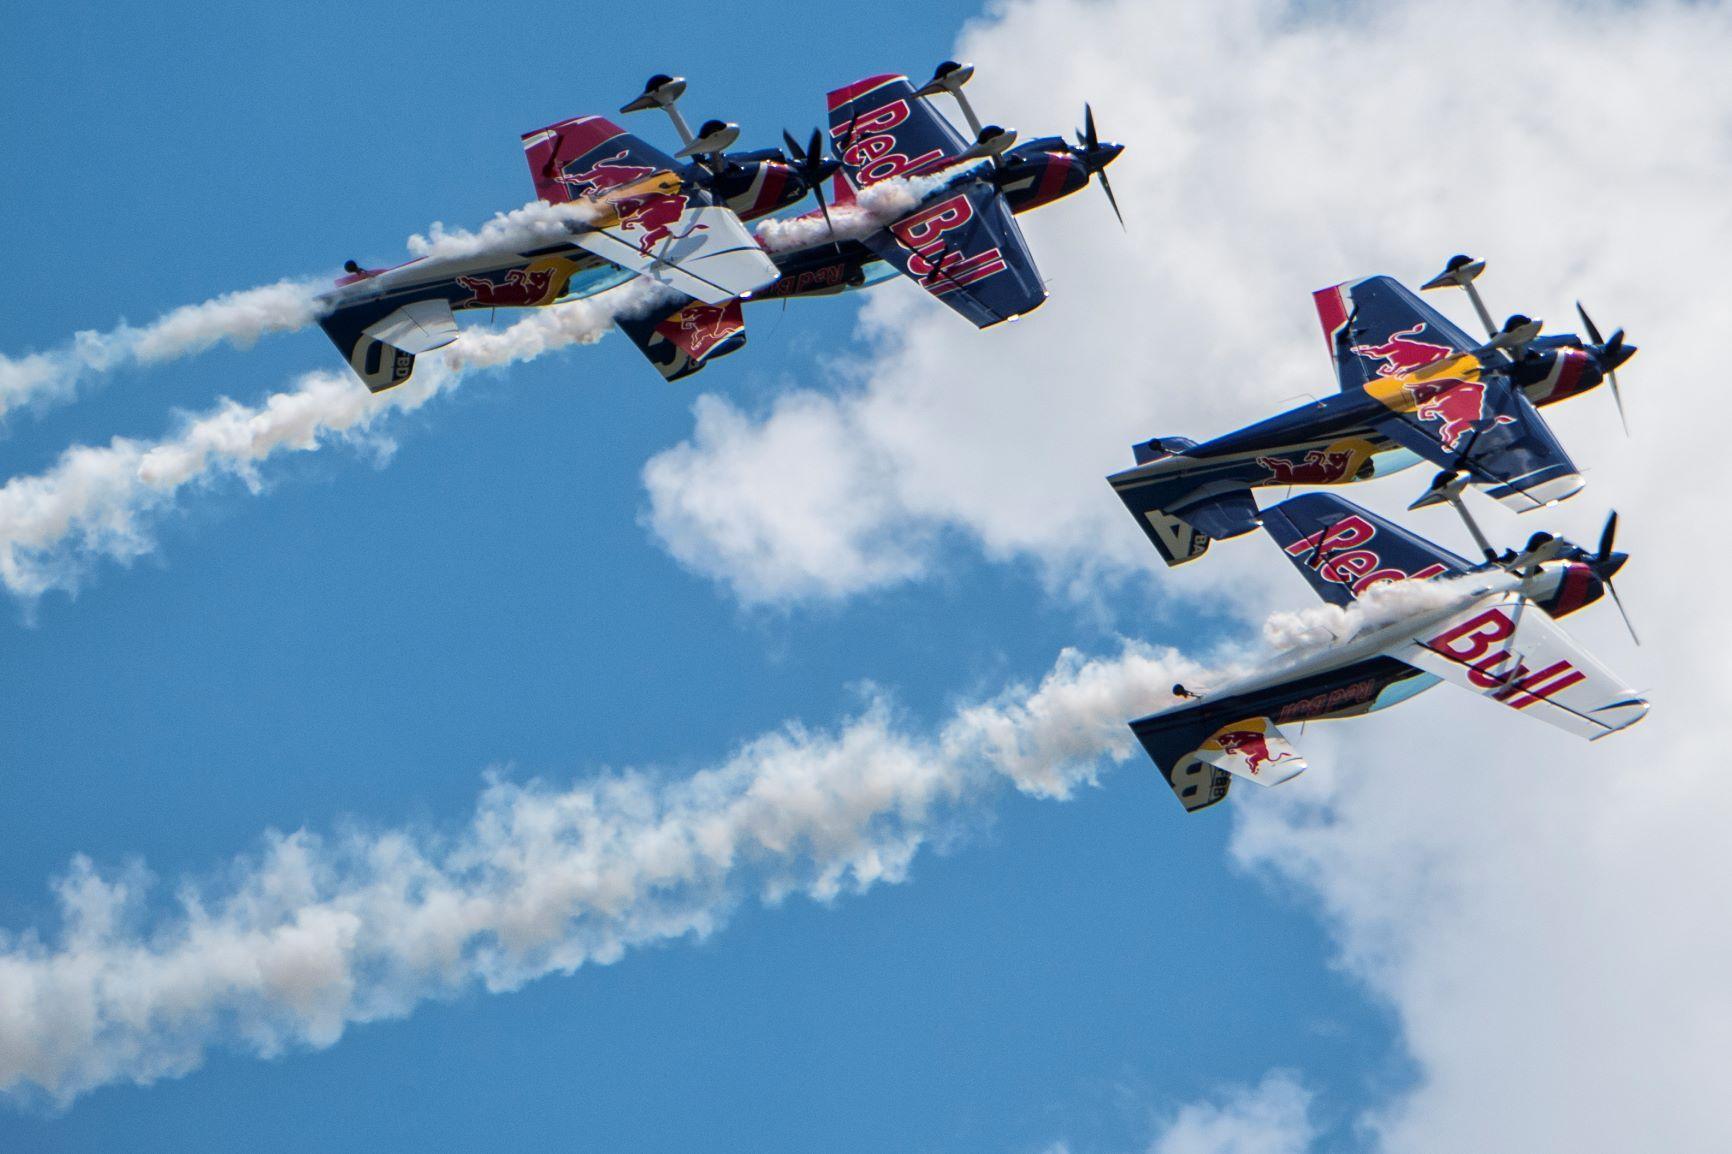 red_bull_air_race_flying_bulls_1.jpg